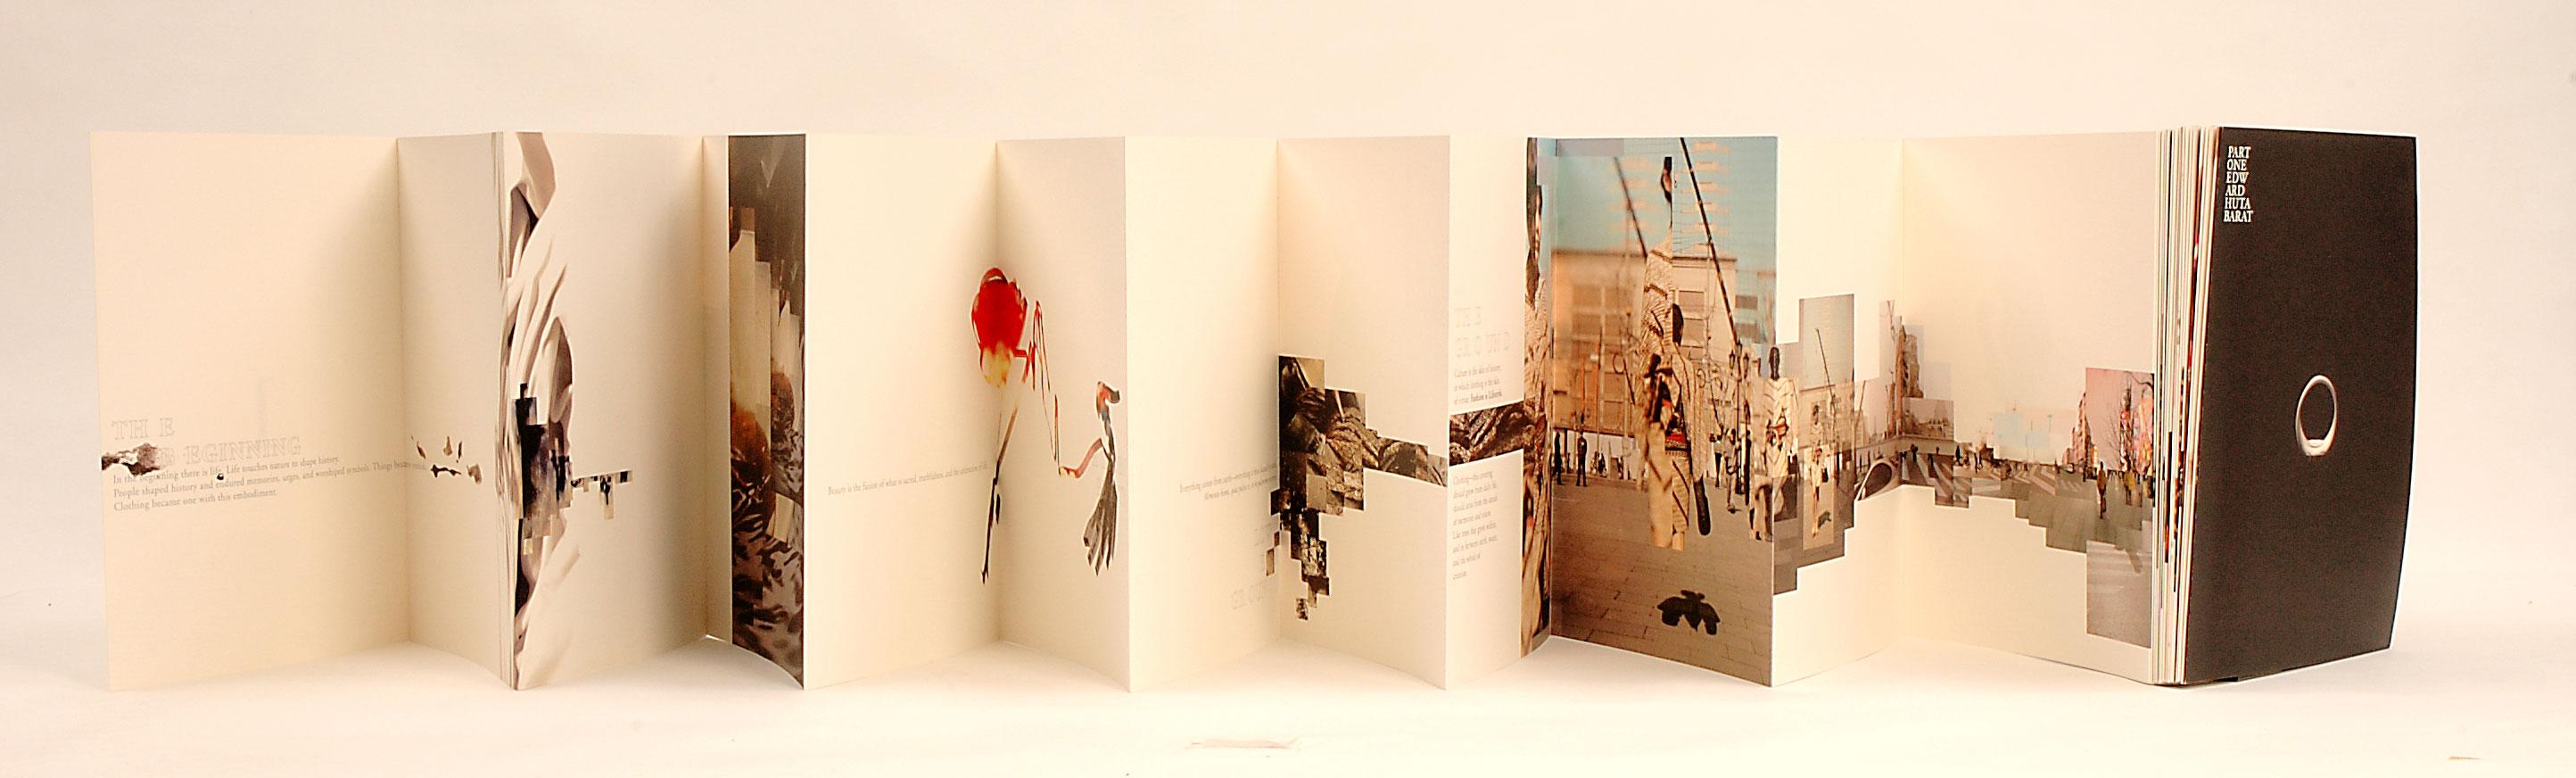 Henricus-Linggawidjaja-1,-2003